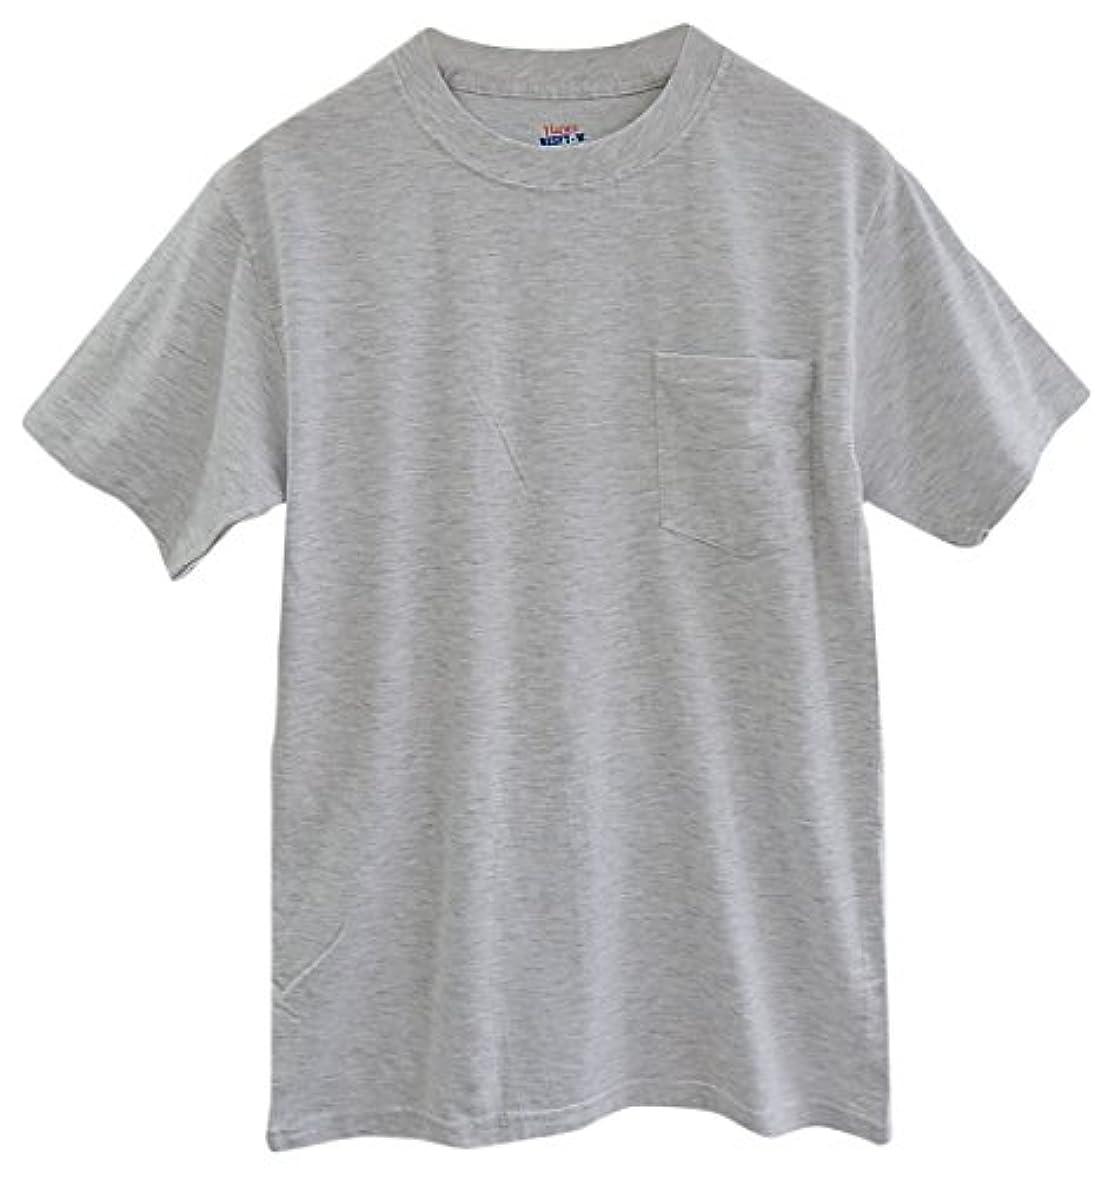 全体バンジージャンプ蜂(ヘインズ) HANES BEEFY TEE POCKET ヘインズ メンズ ポケットTシャツ 5190p ビーフィー [並行輸入品] (XL, アッシュ)